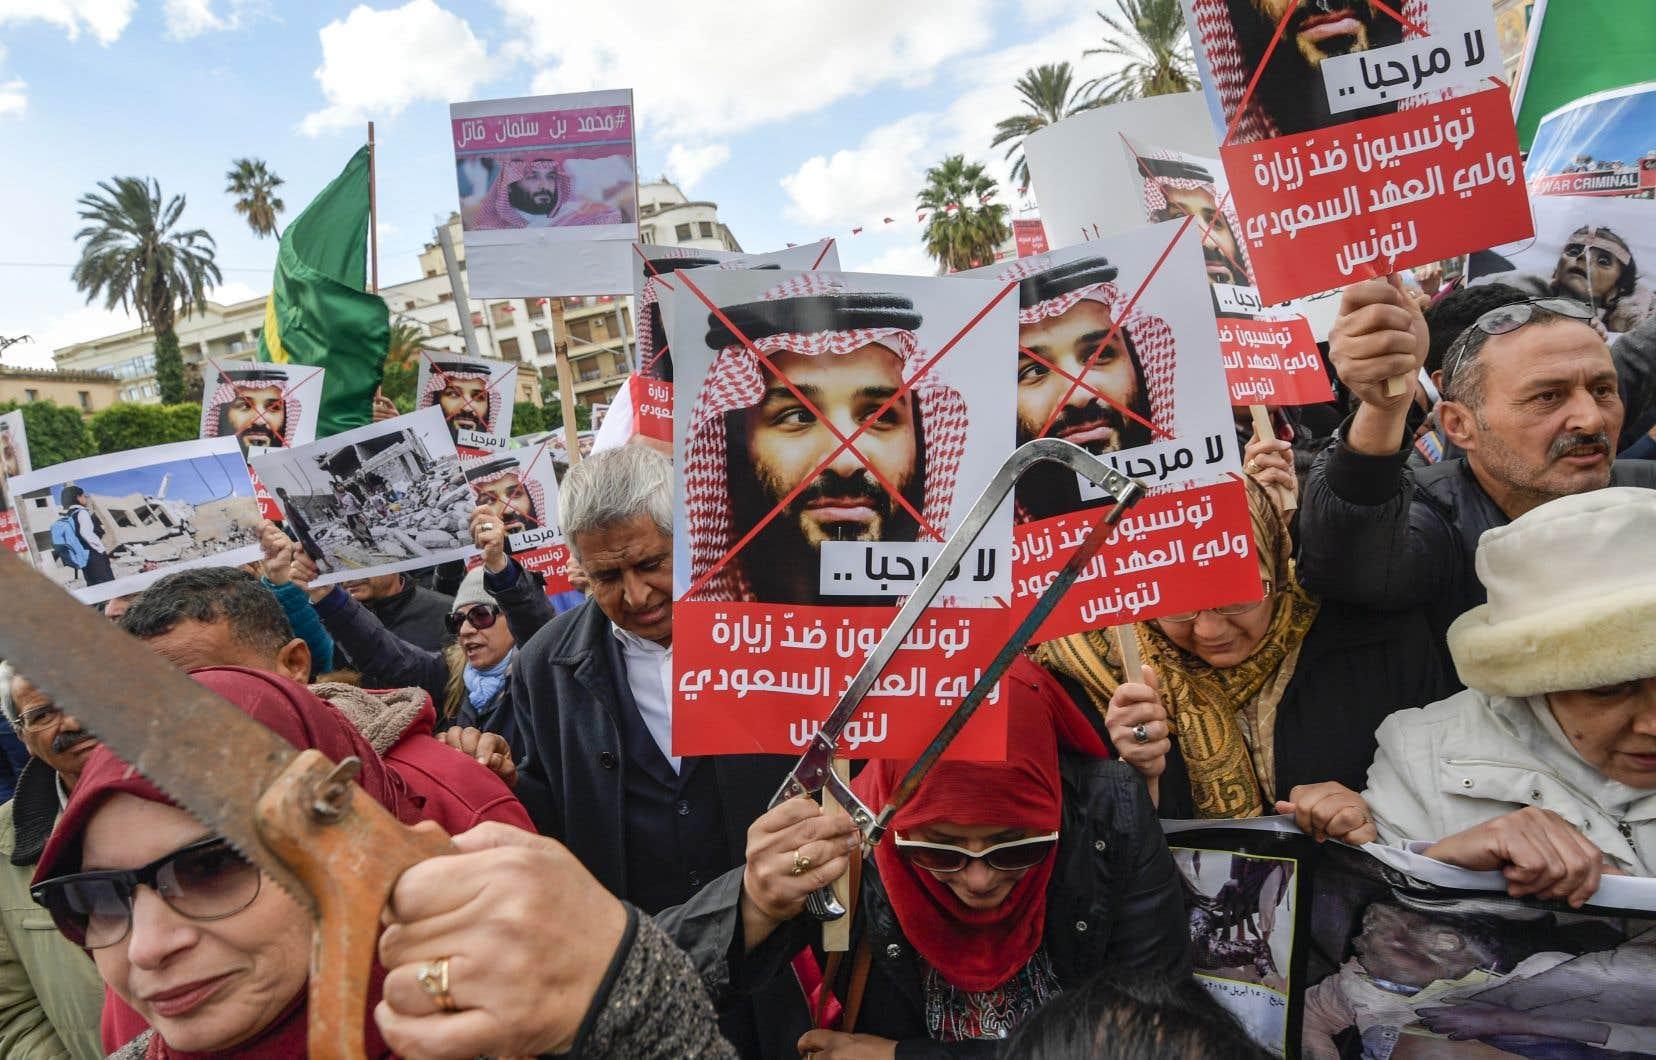 Certains manifestants ont défilé avec une scie en référence à l'assassinat du journaliste saoudien Jamal Khashoggi.